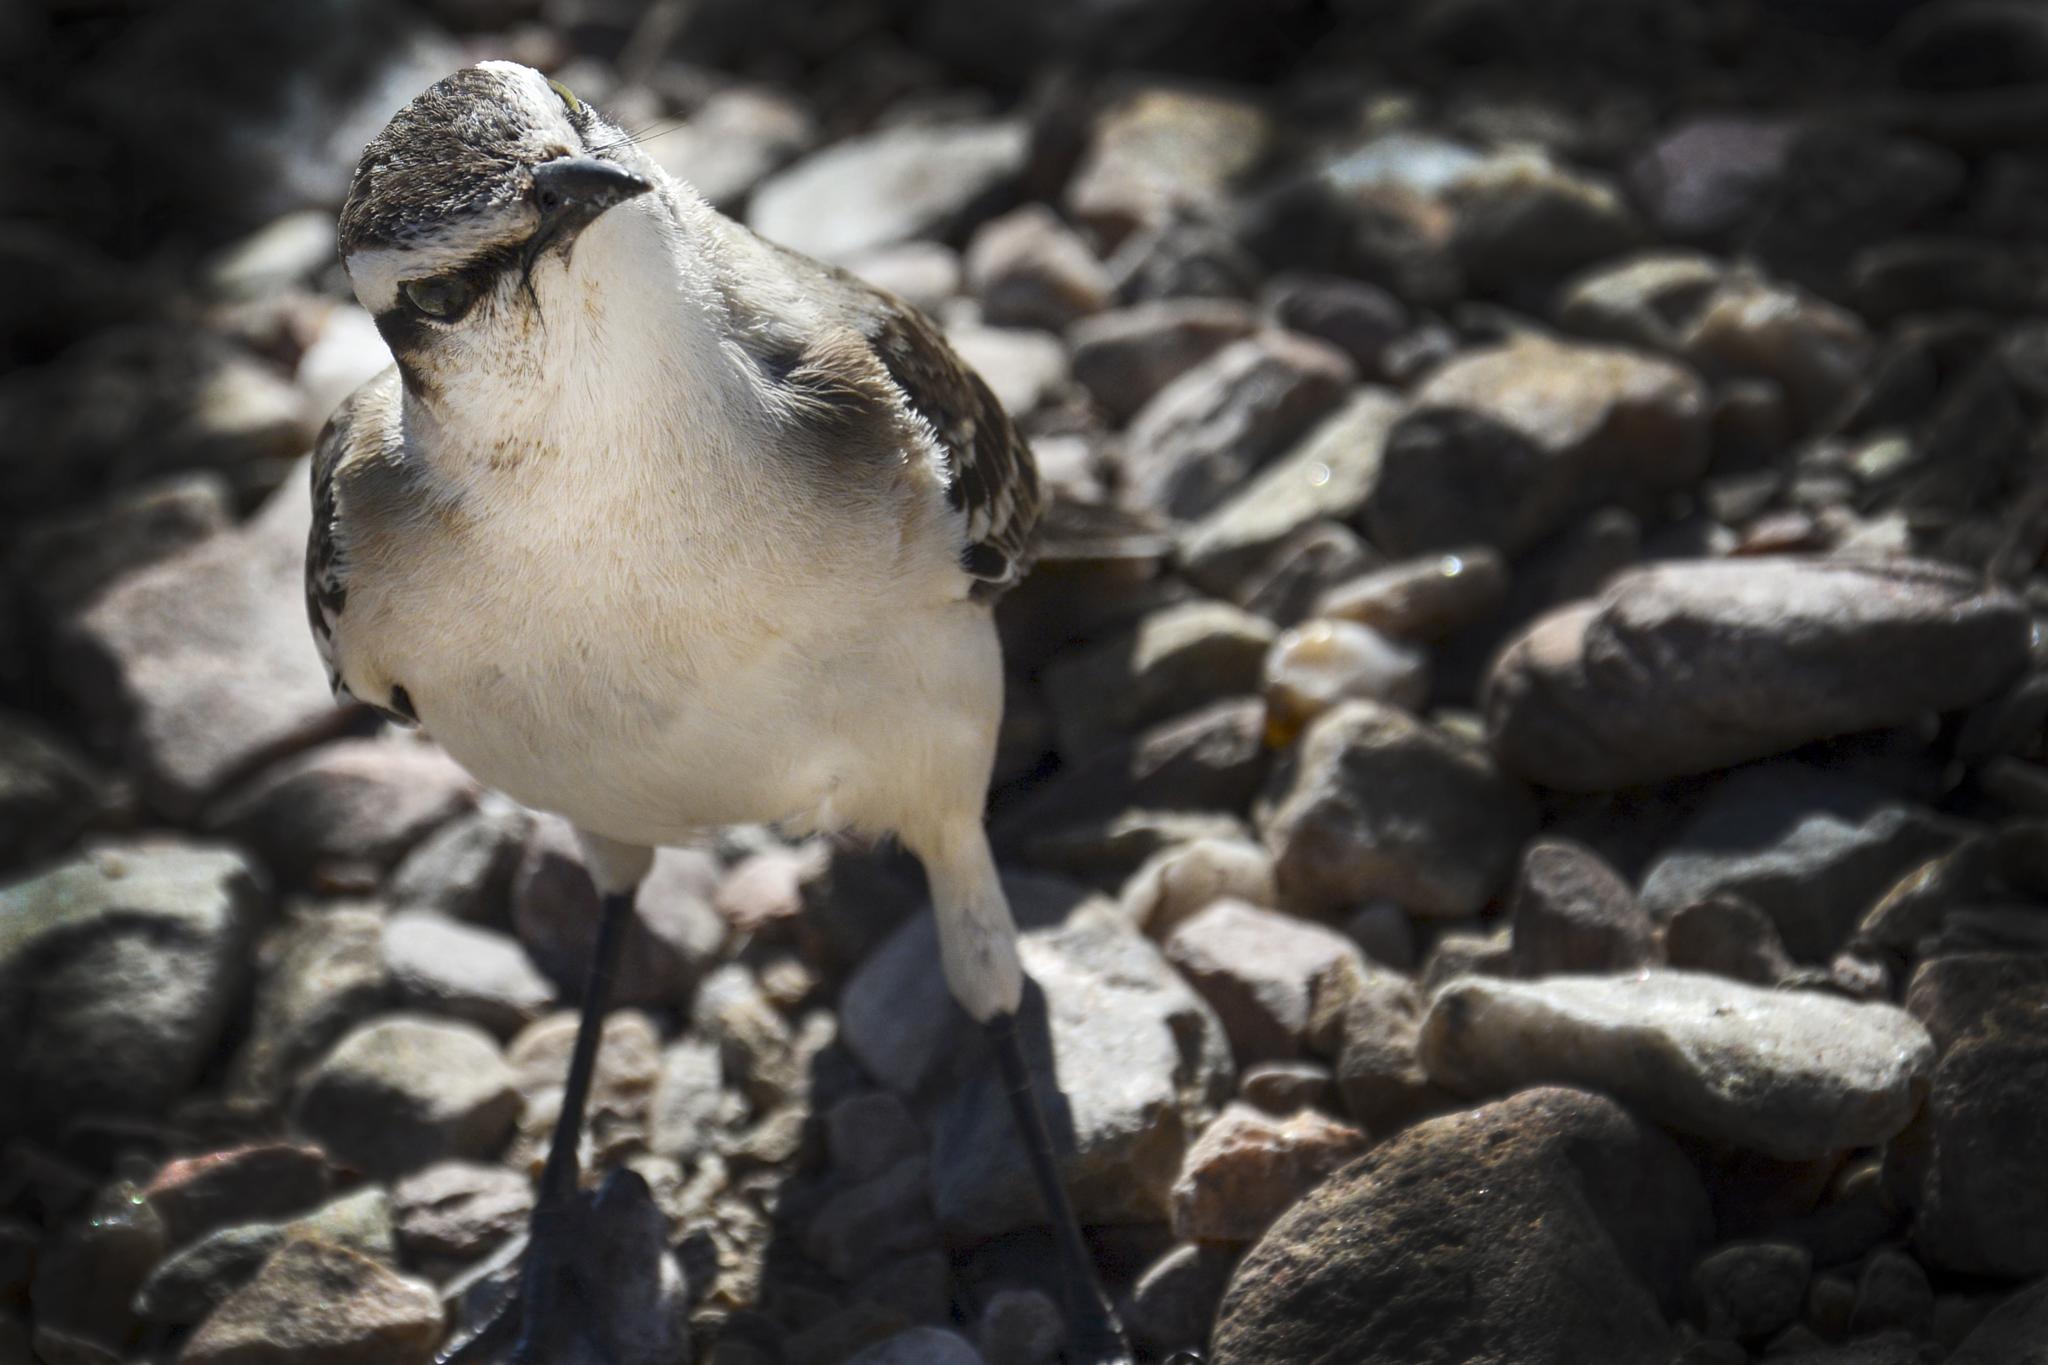 Curious little bird (gorrión argentino) by Diana Moreno